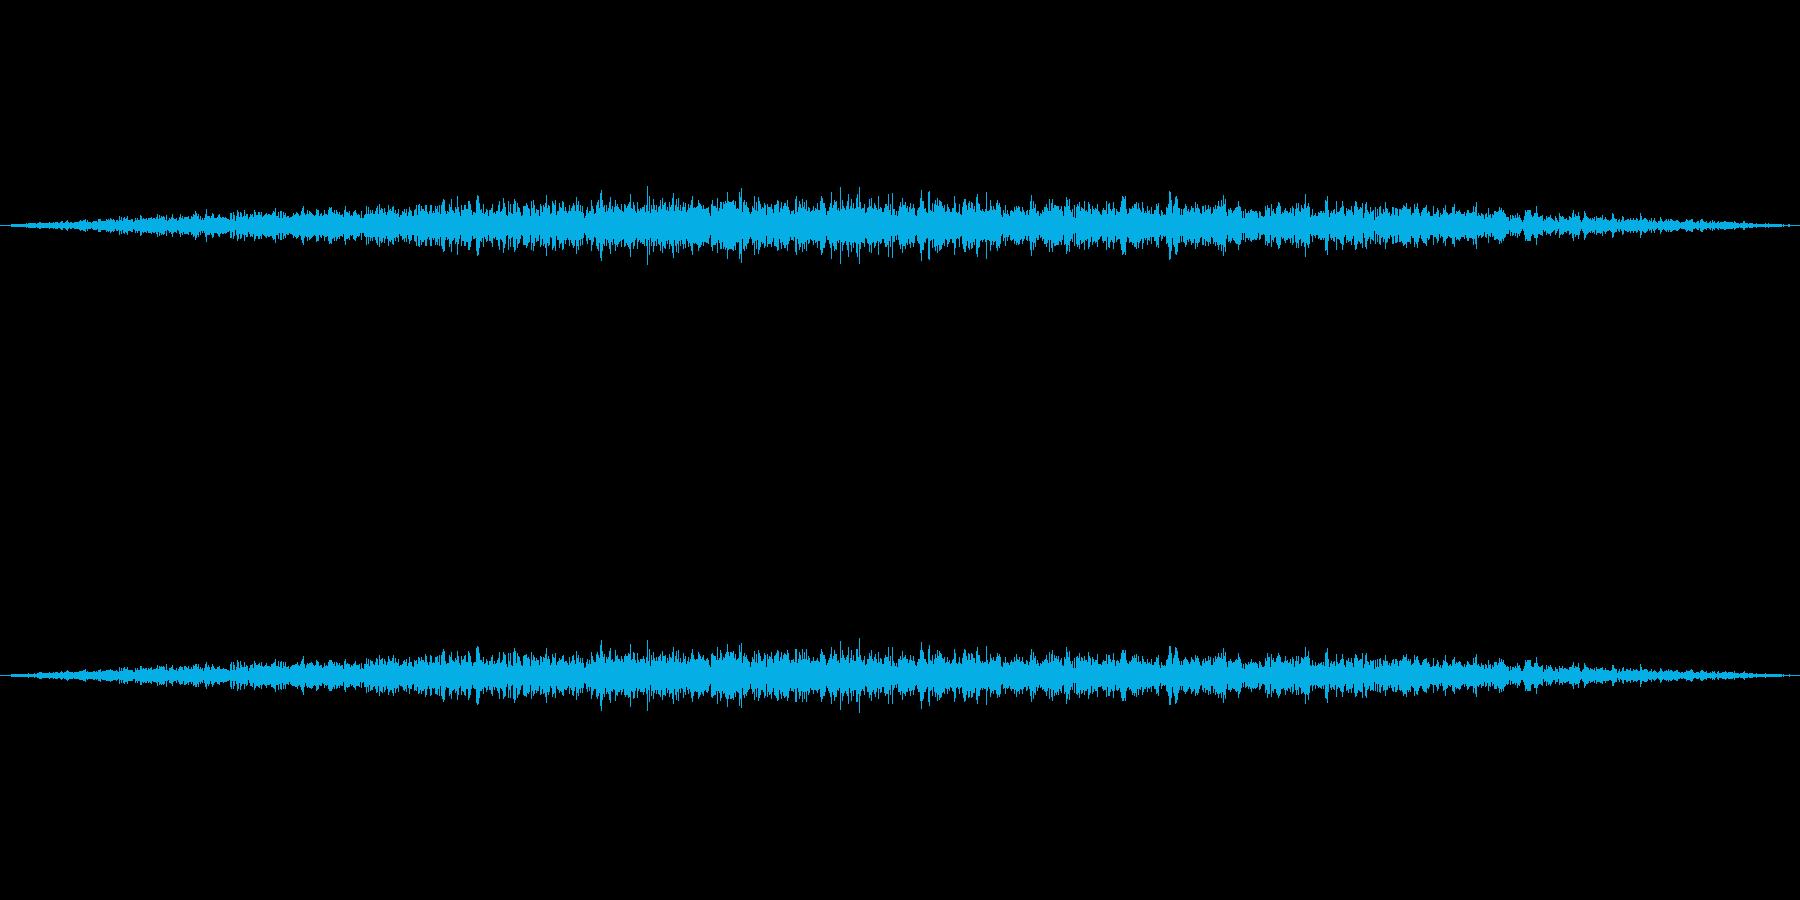 飛行機(旅客機)が飛ぶ音4の再生済みの波形